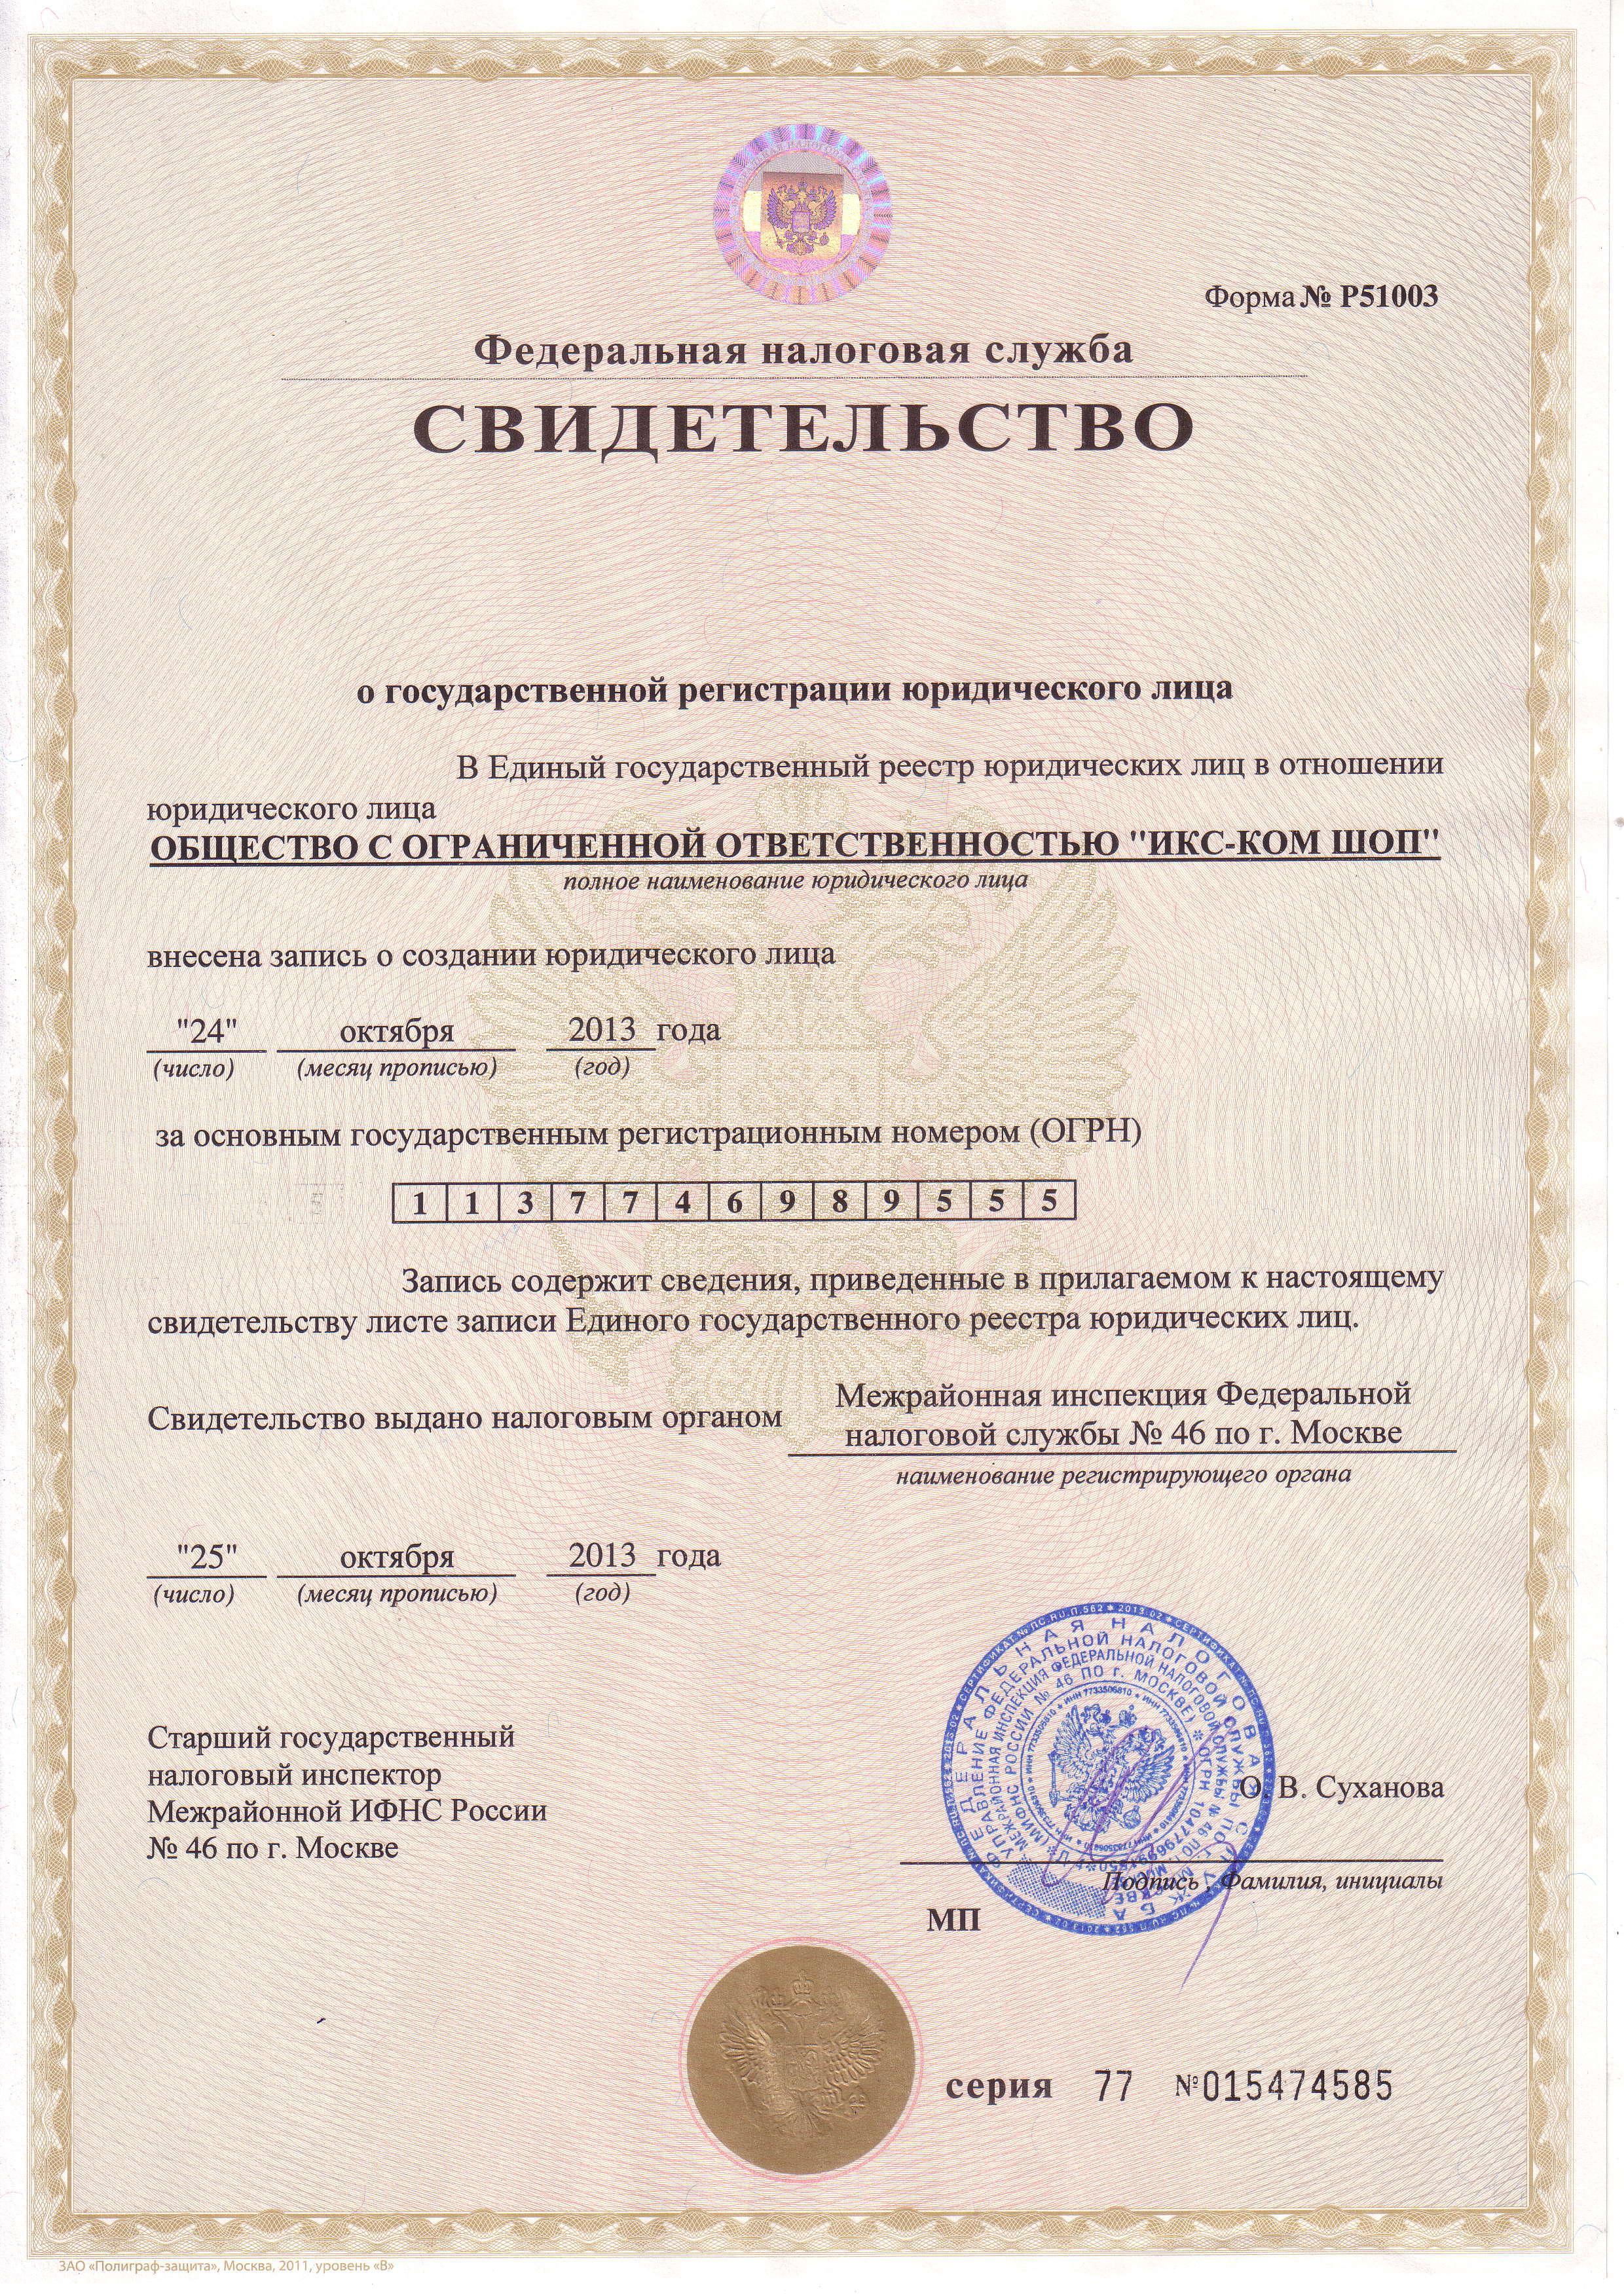 приказ о праве подписи за главного бухгалтера образец